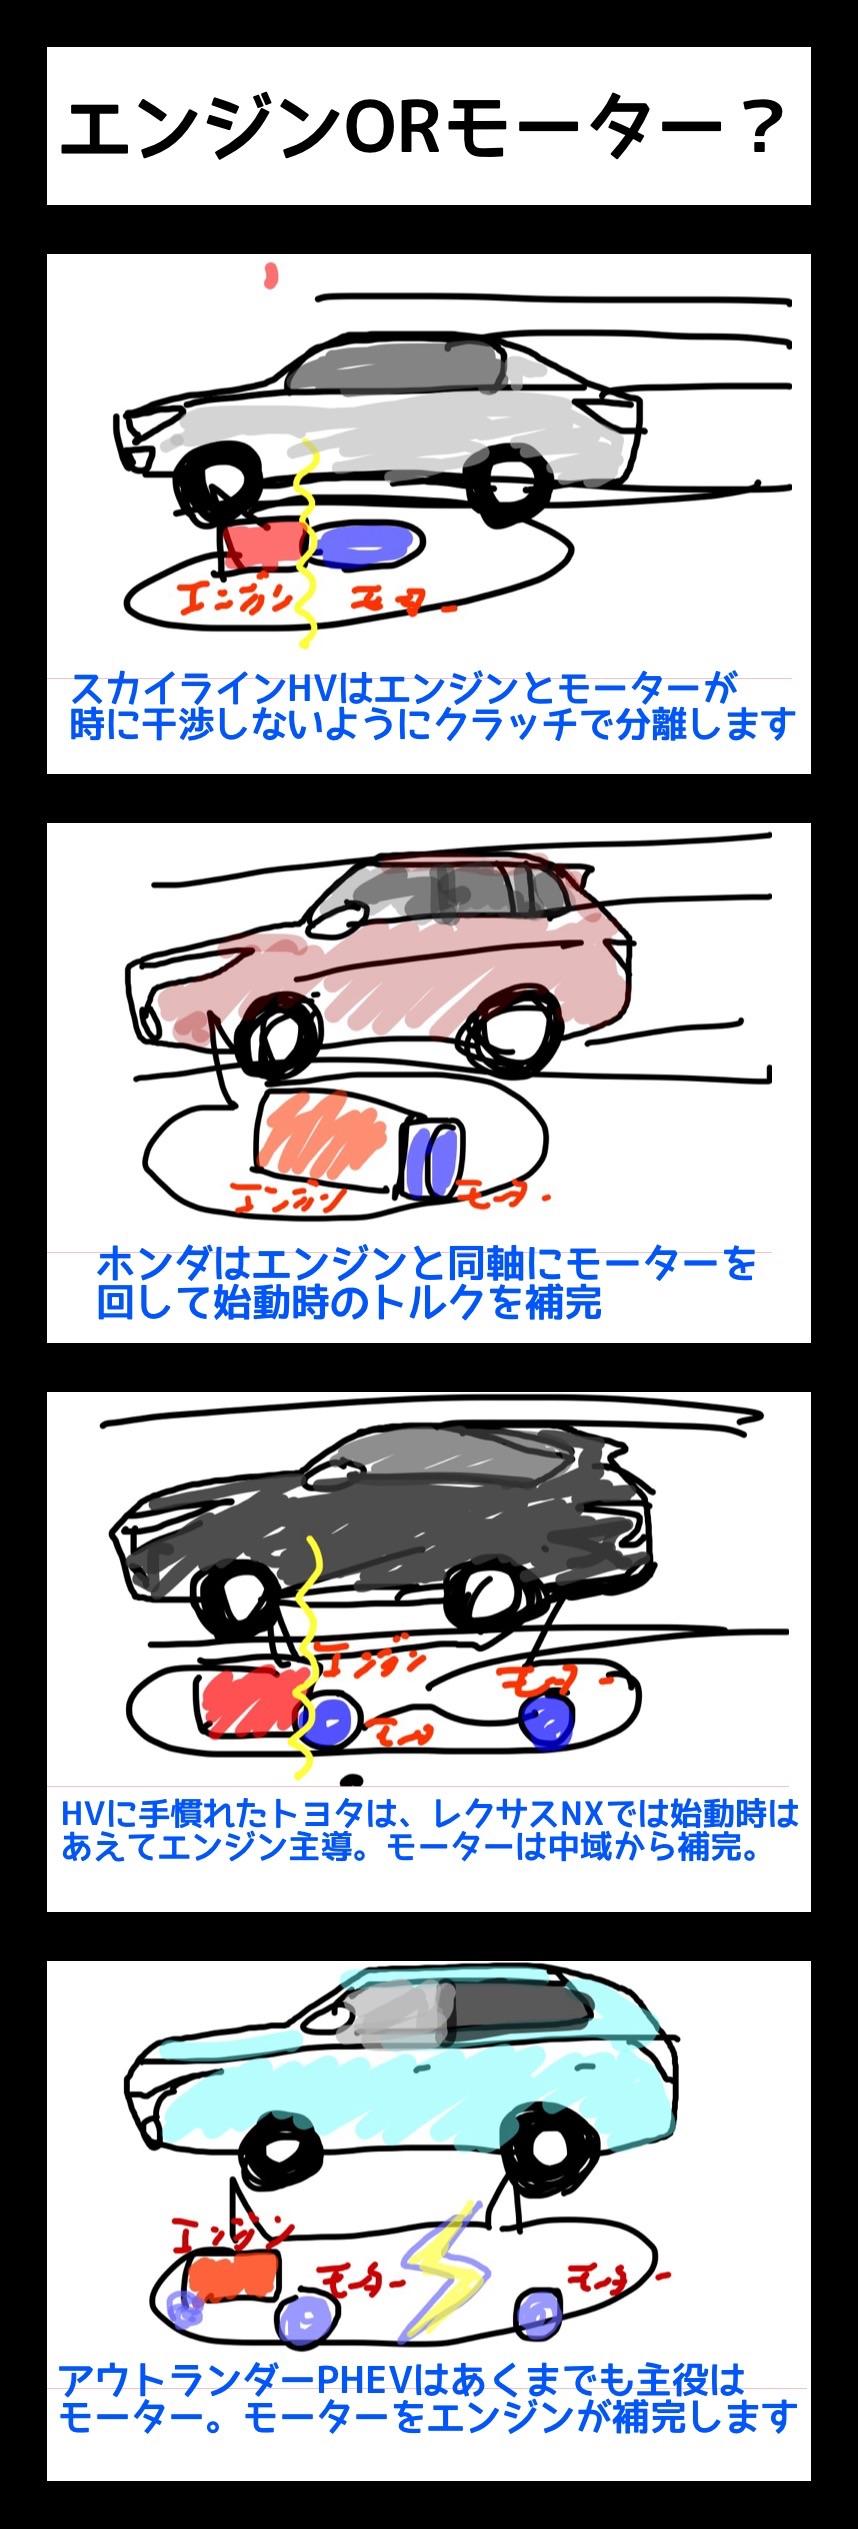 Mitsubishi Outlander ︎PHEV engine or motor